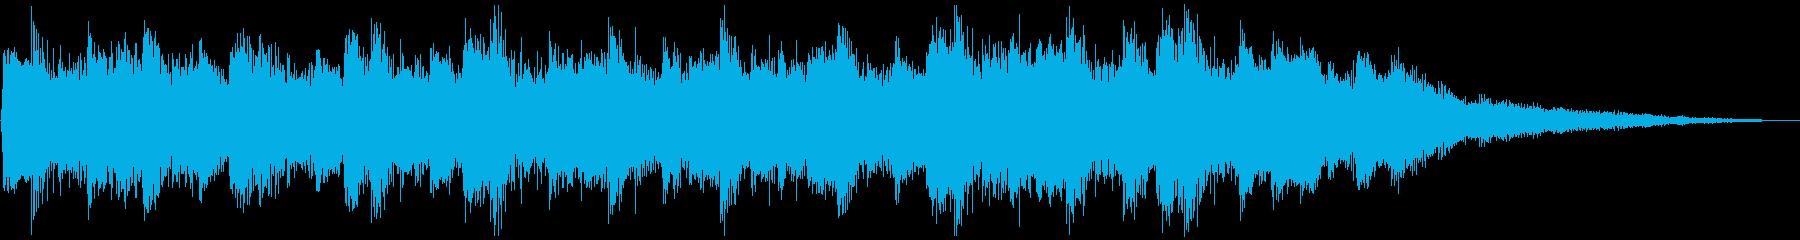 せつない感じの ピアノ&ストリングス②の再生済みの波形